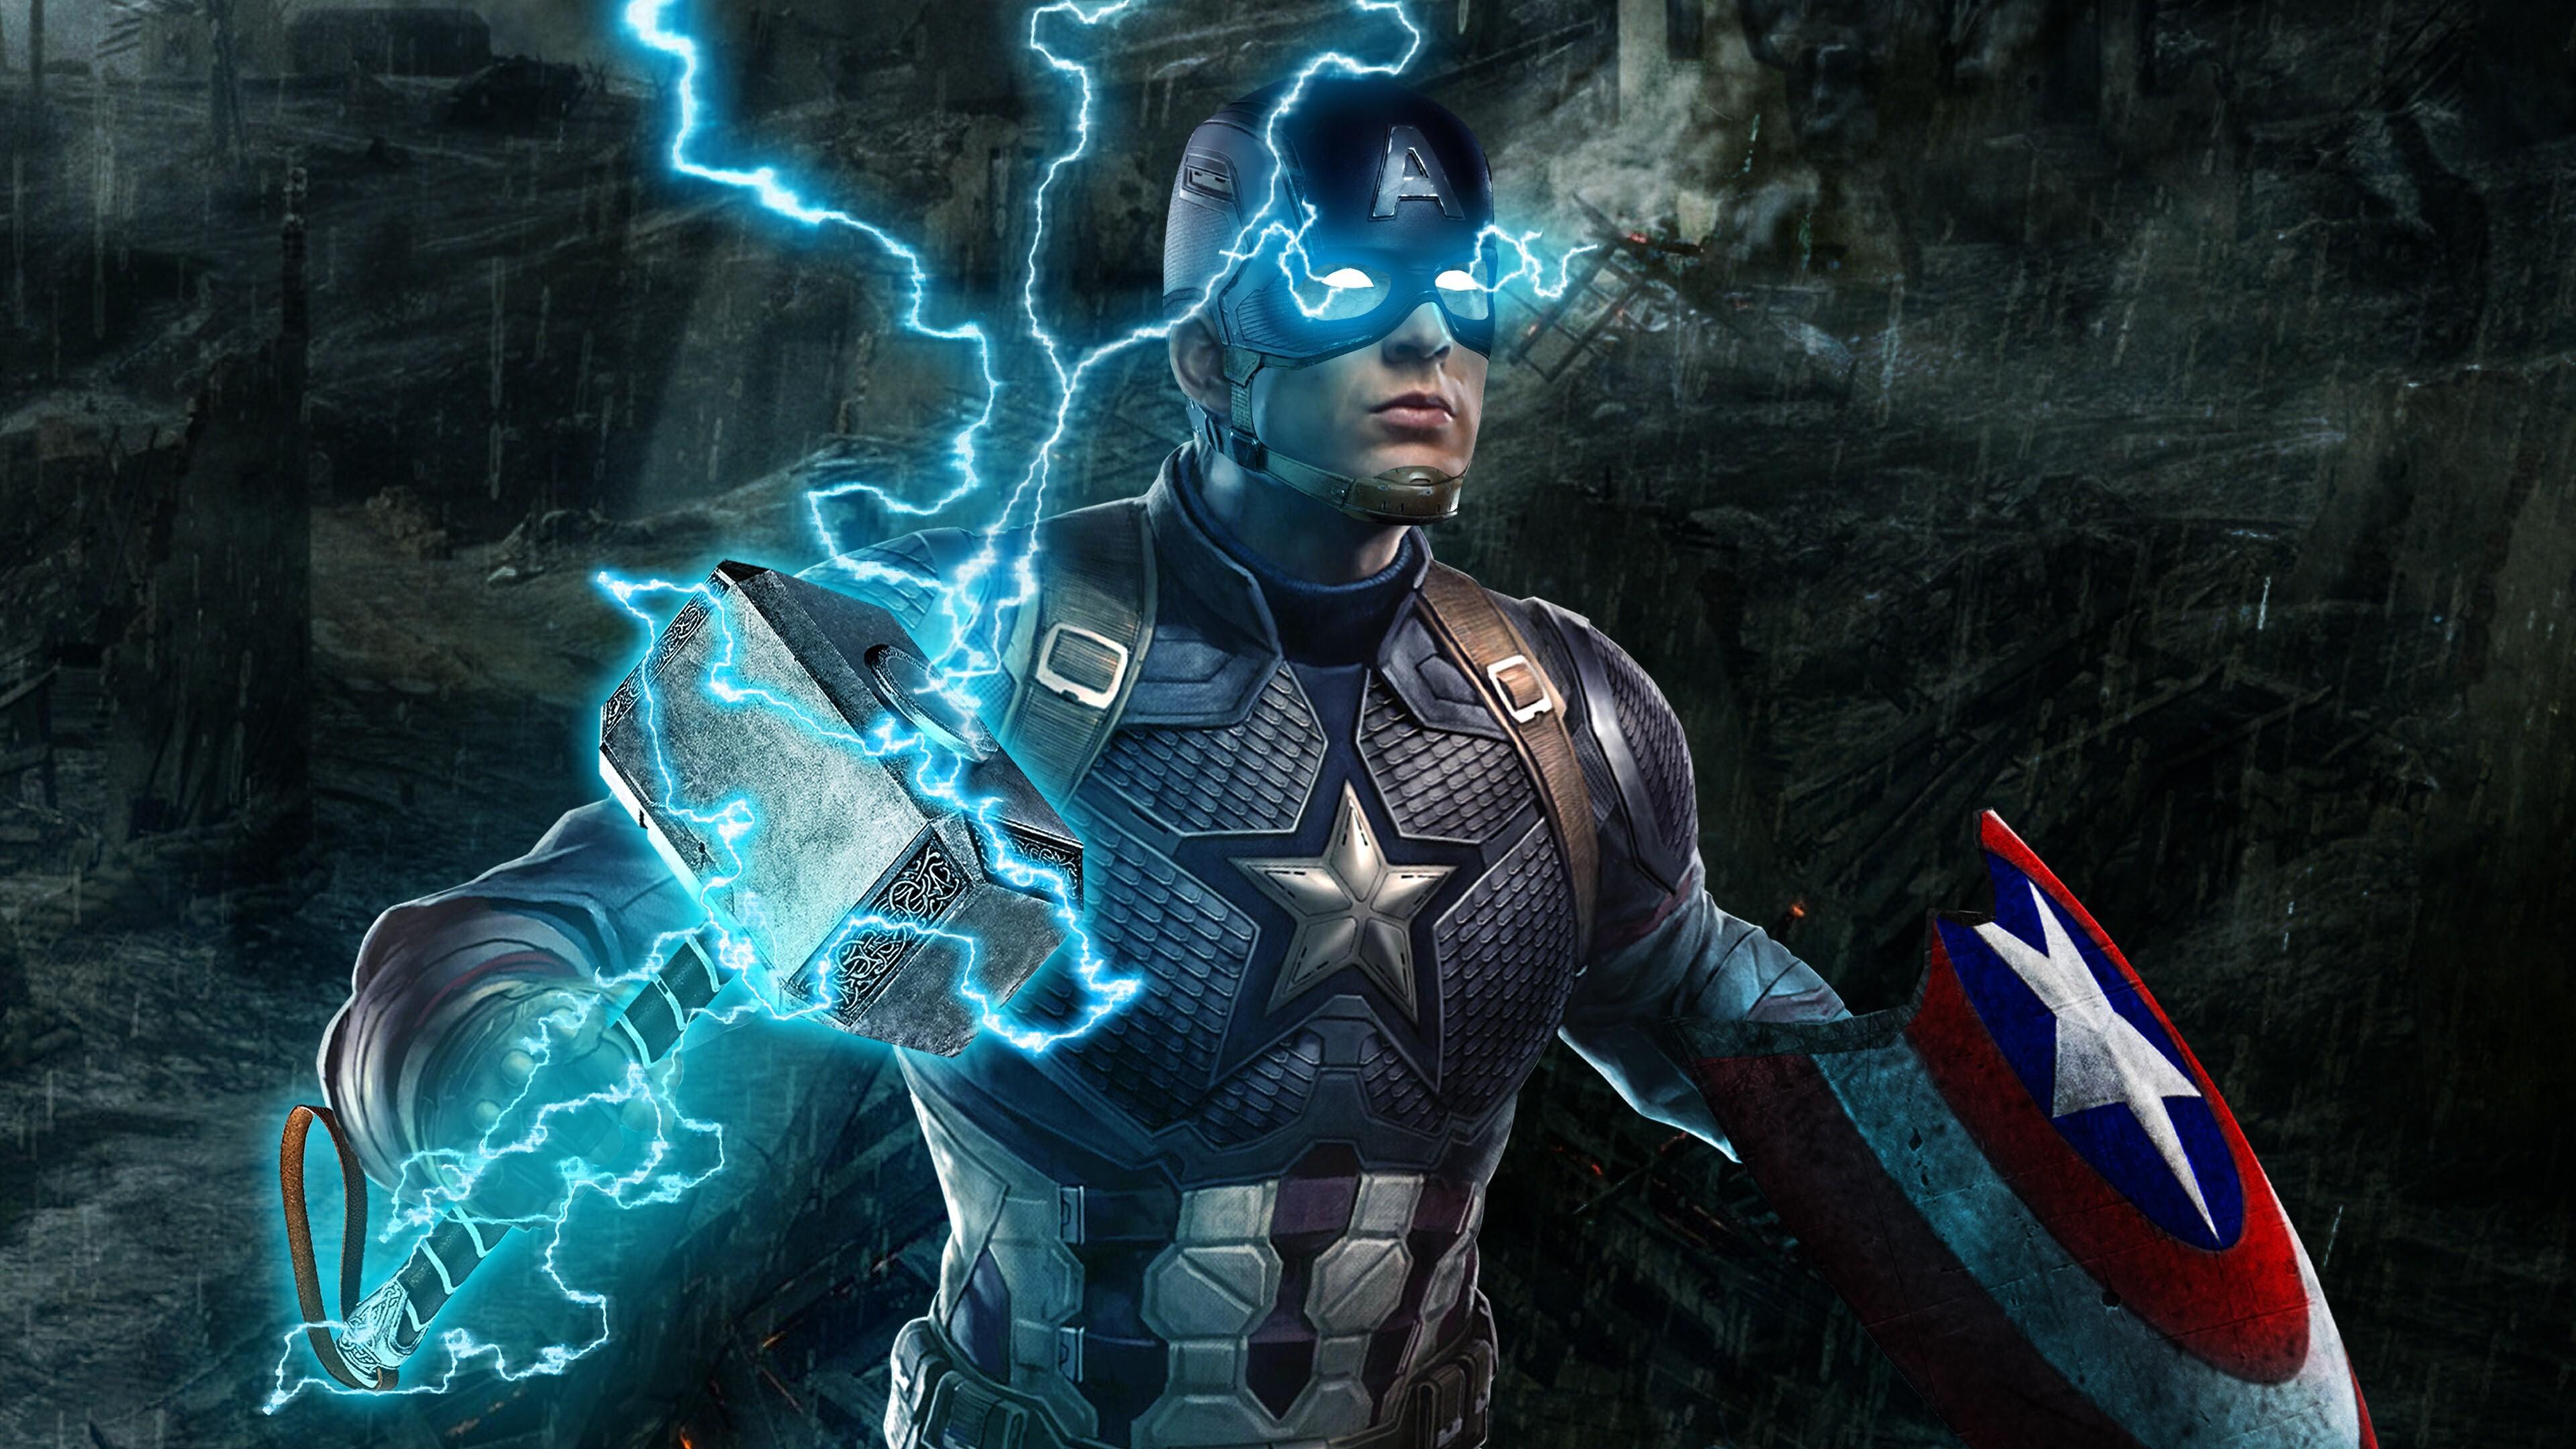 4k Wallpaper Of Captain America In Avengers Endgame Hd Wallpapers